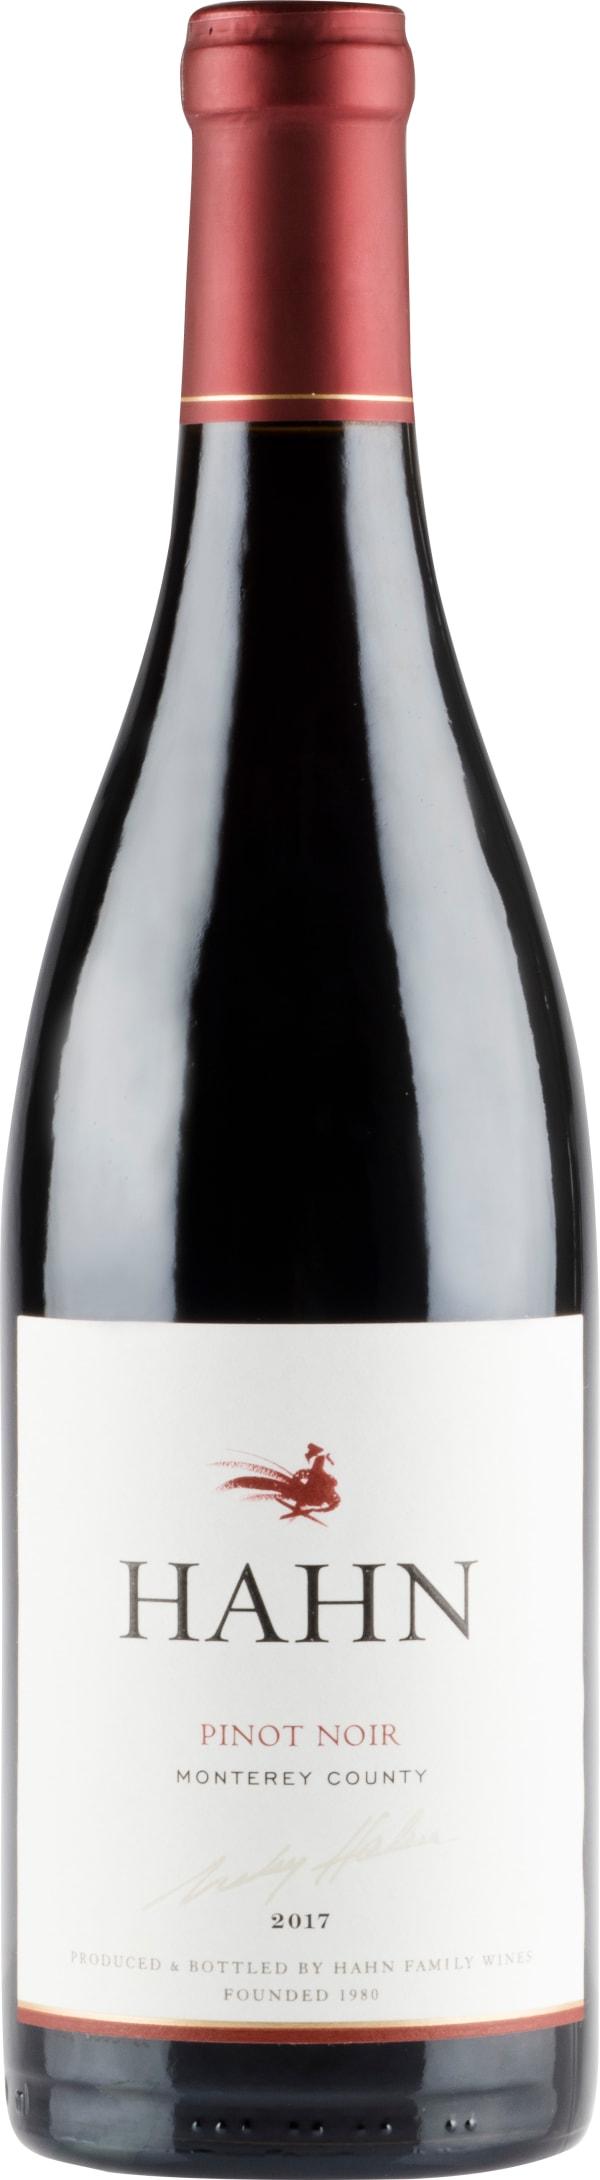 Hahn Pinot Noir 2017